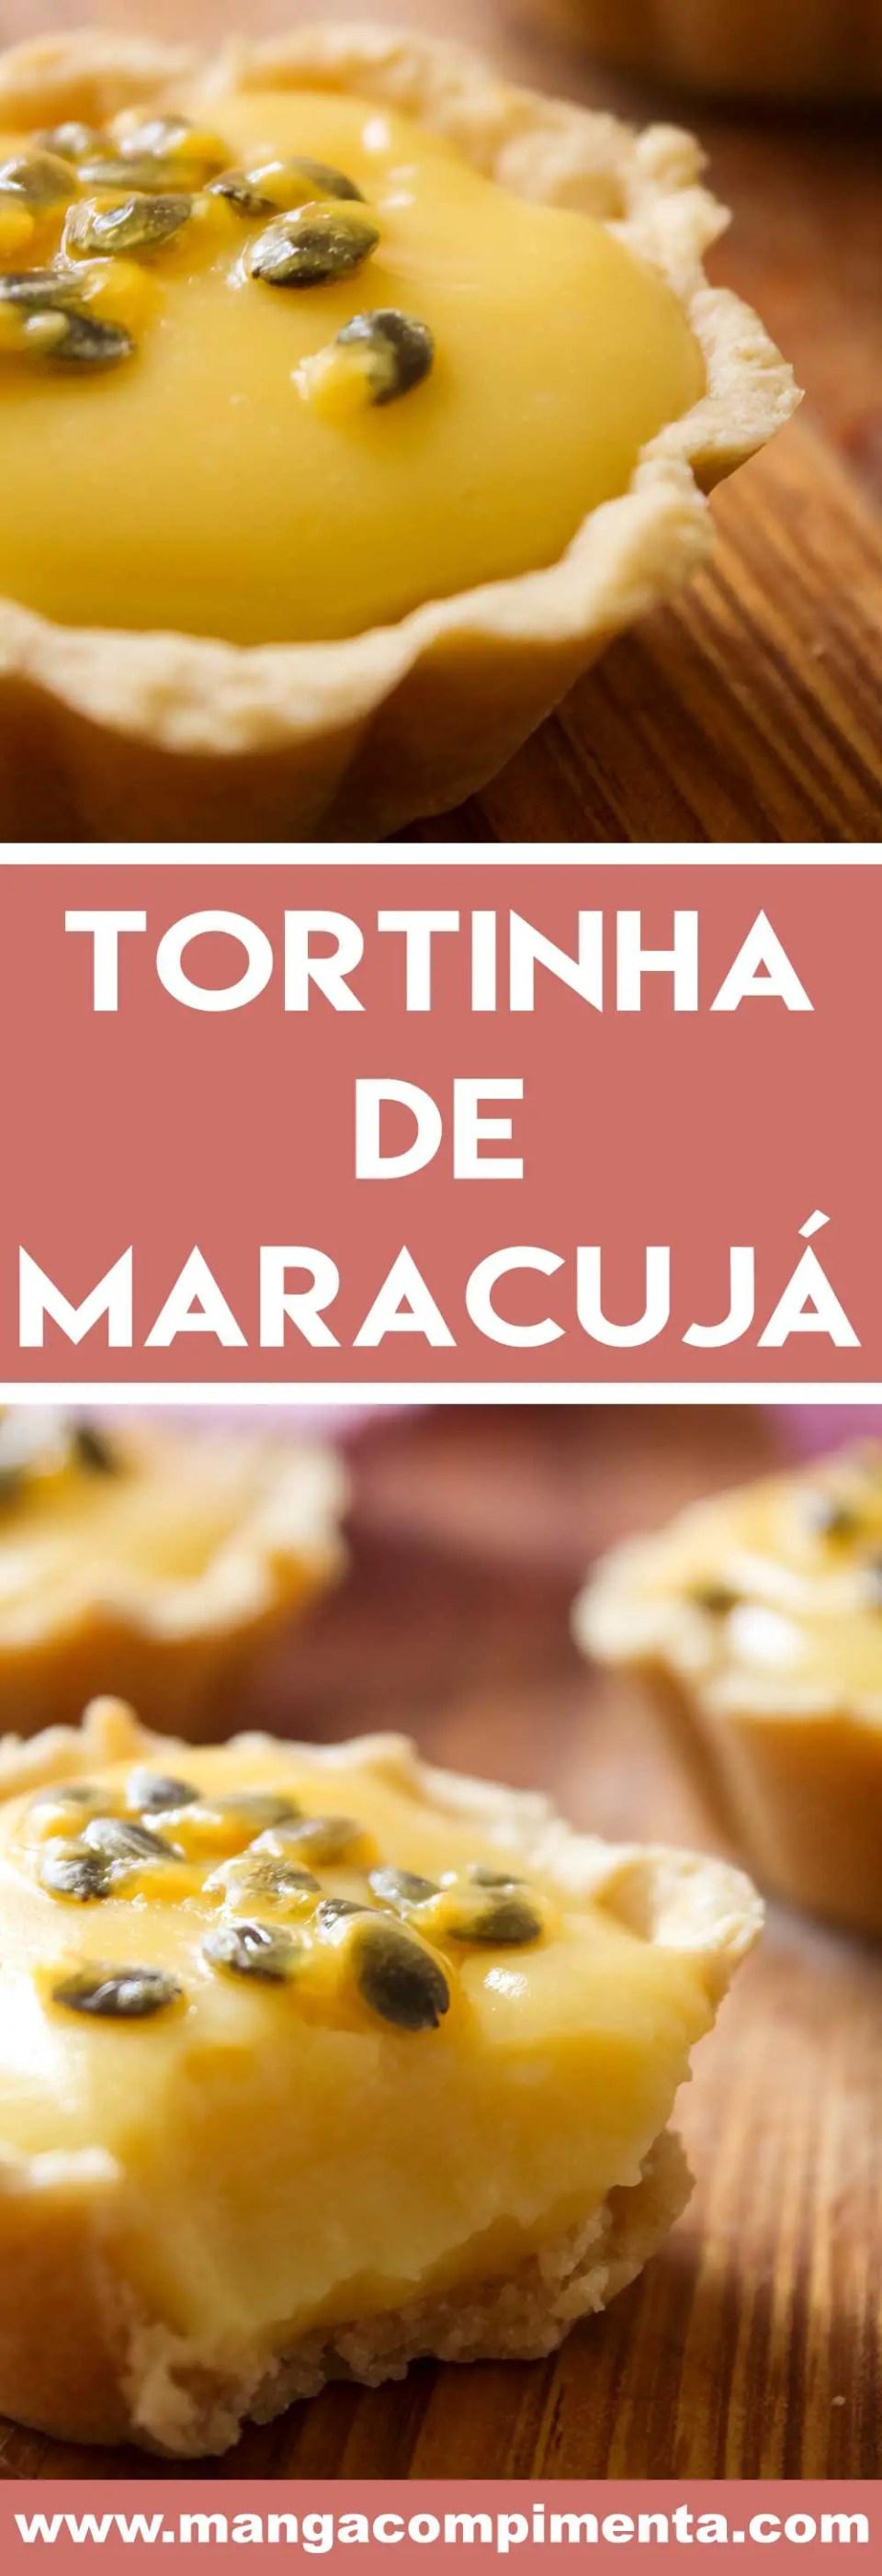 Receita de Tortinha de Maracujá - uma mini tortinha doce deliciosa para comer com as mãos!